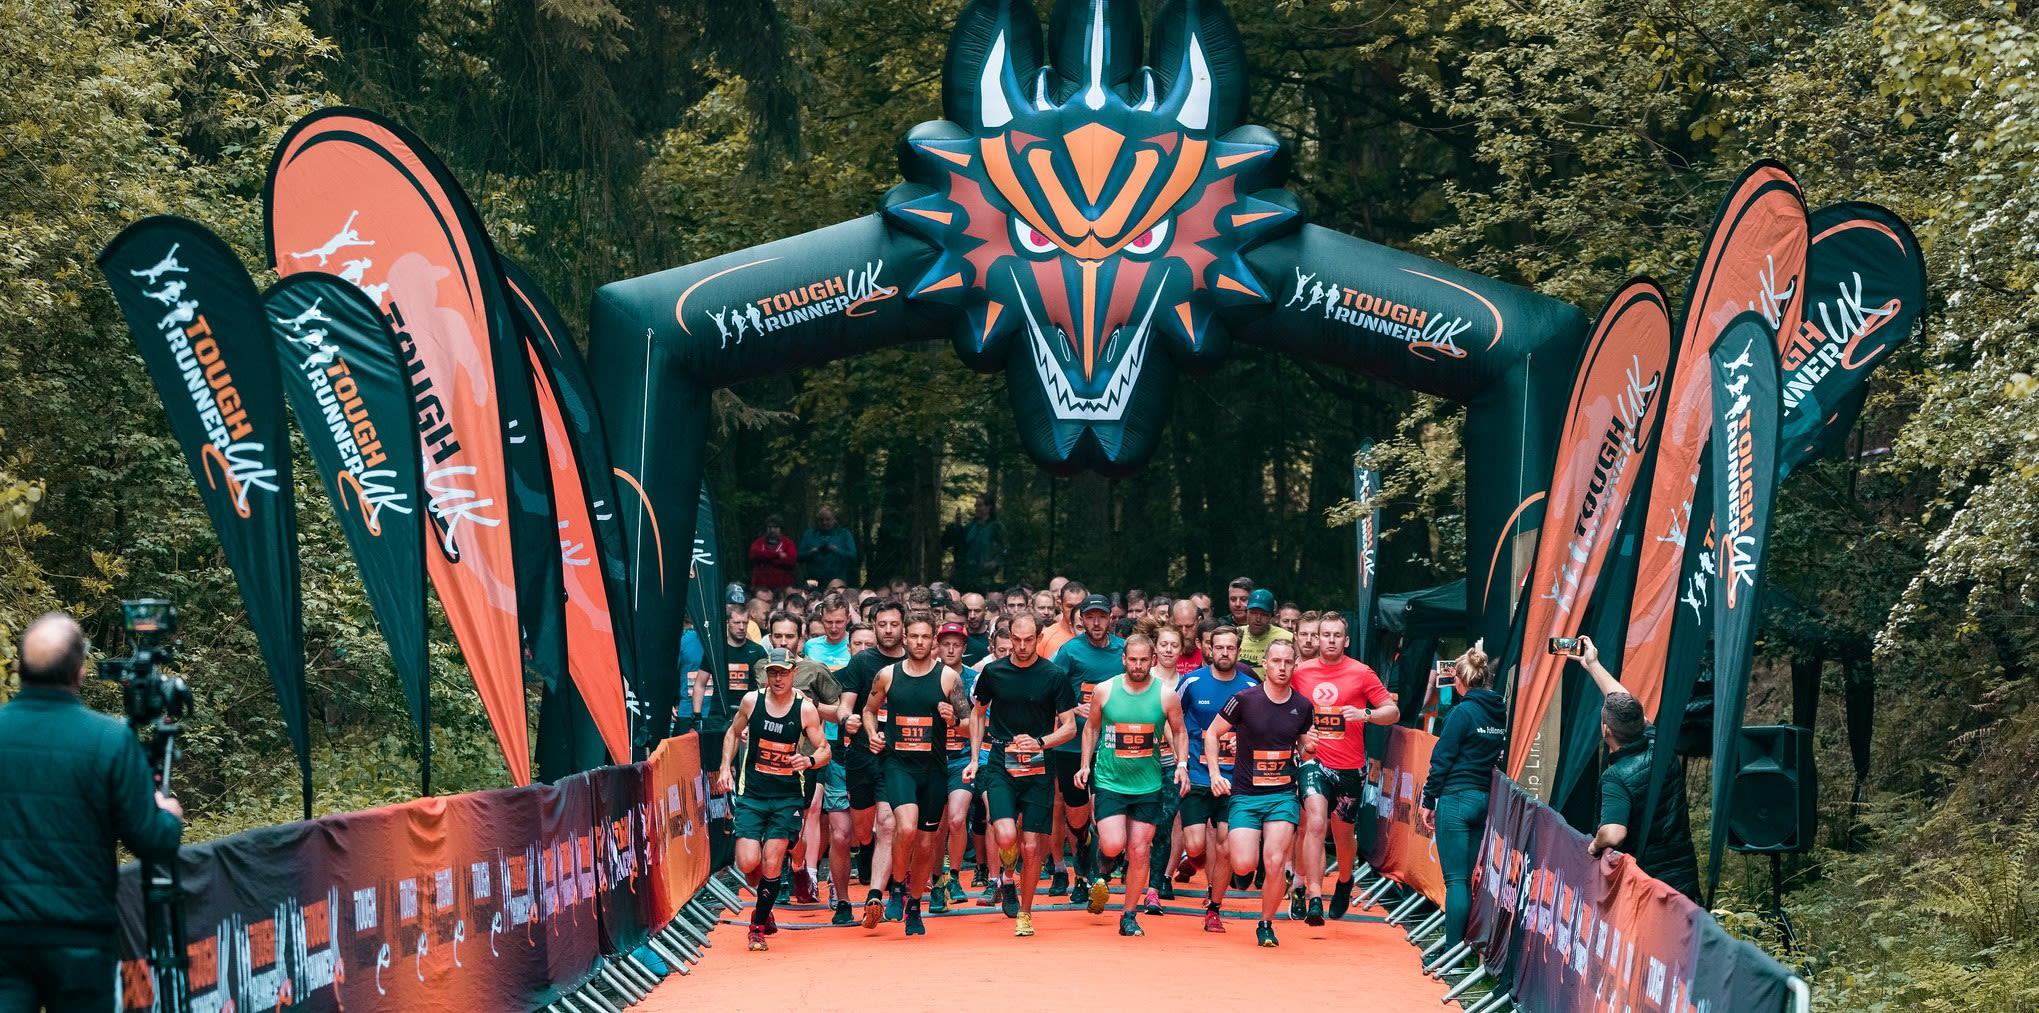 Cork Standard Triathlon